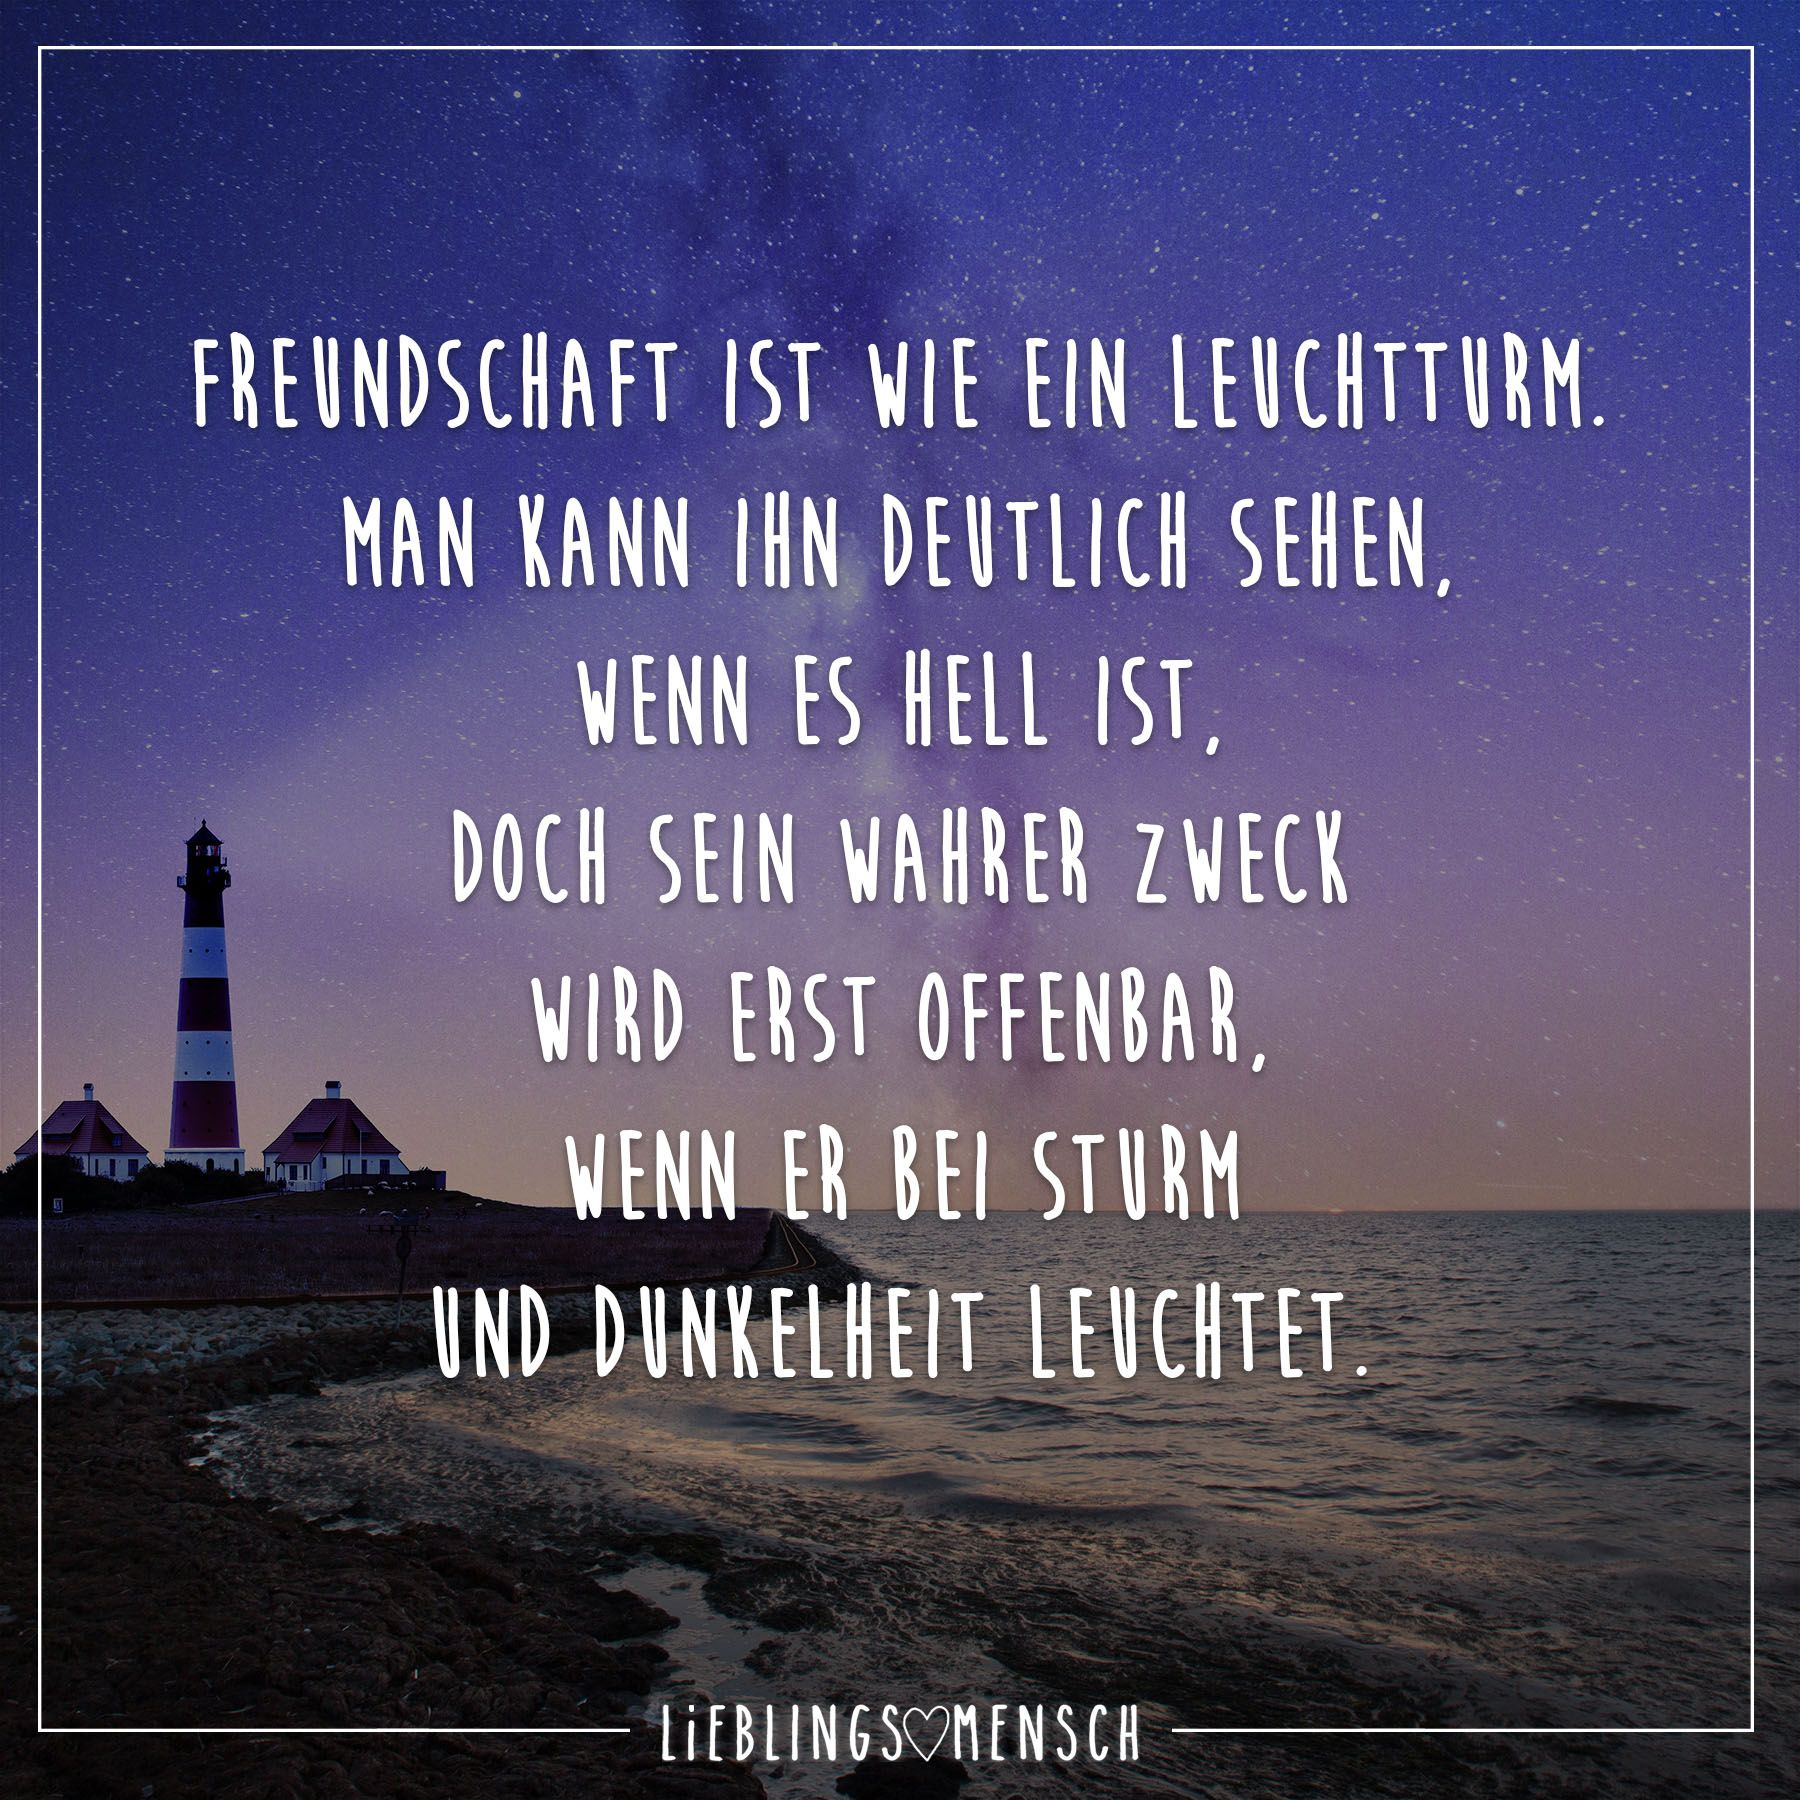 Freundschaft ist wie ein Leuchtturm. Man kann ihn deutlich